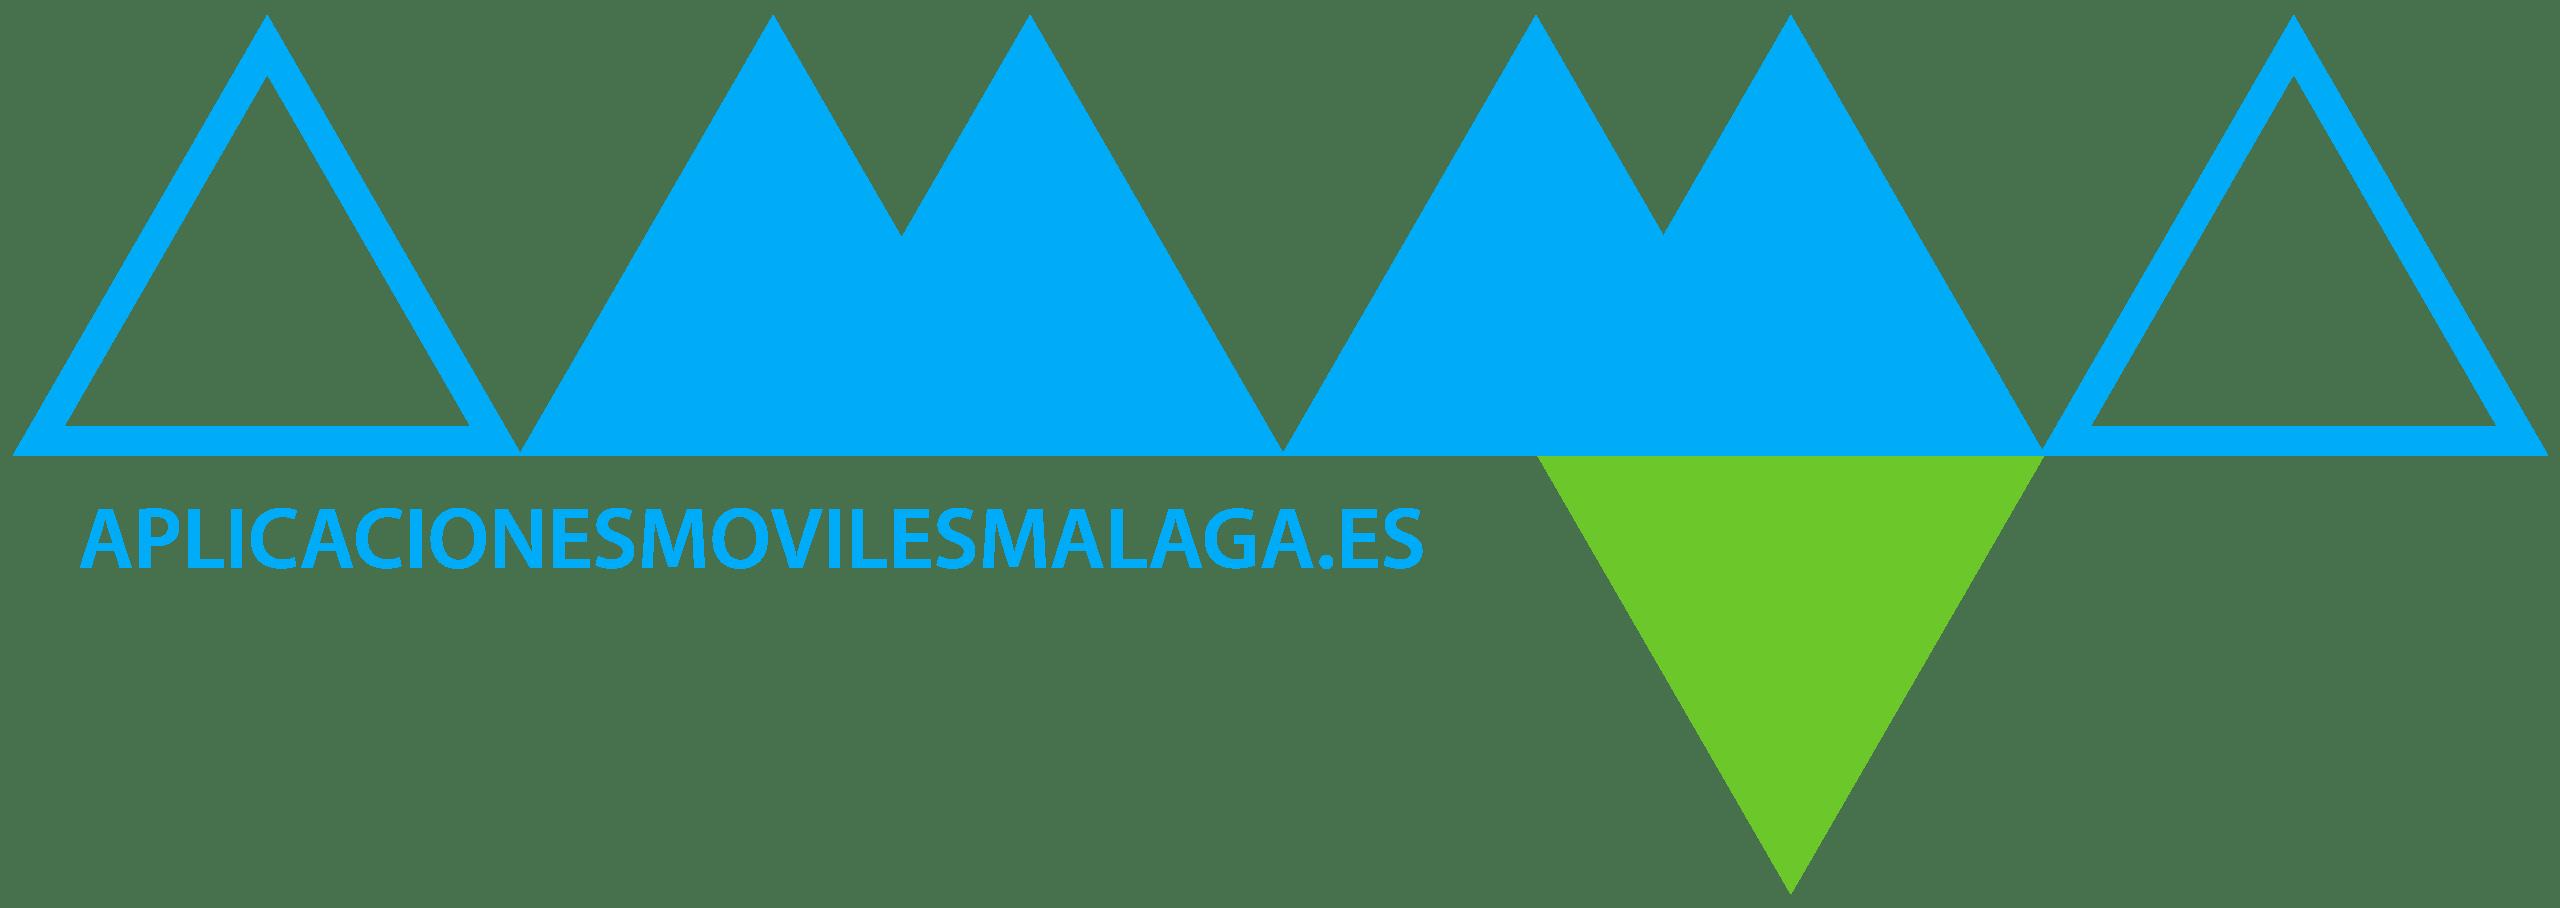 Aplicaciones Móviles Málaga. Diseño y desarrollo de Apps